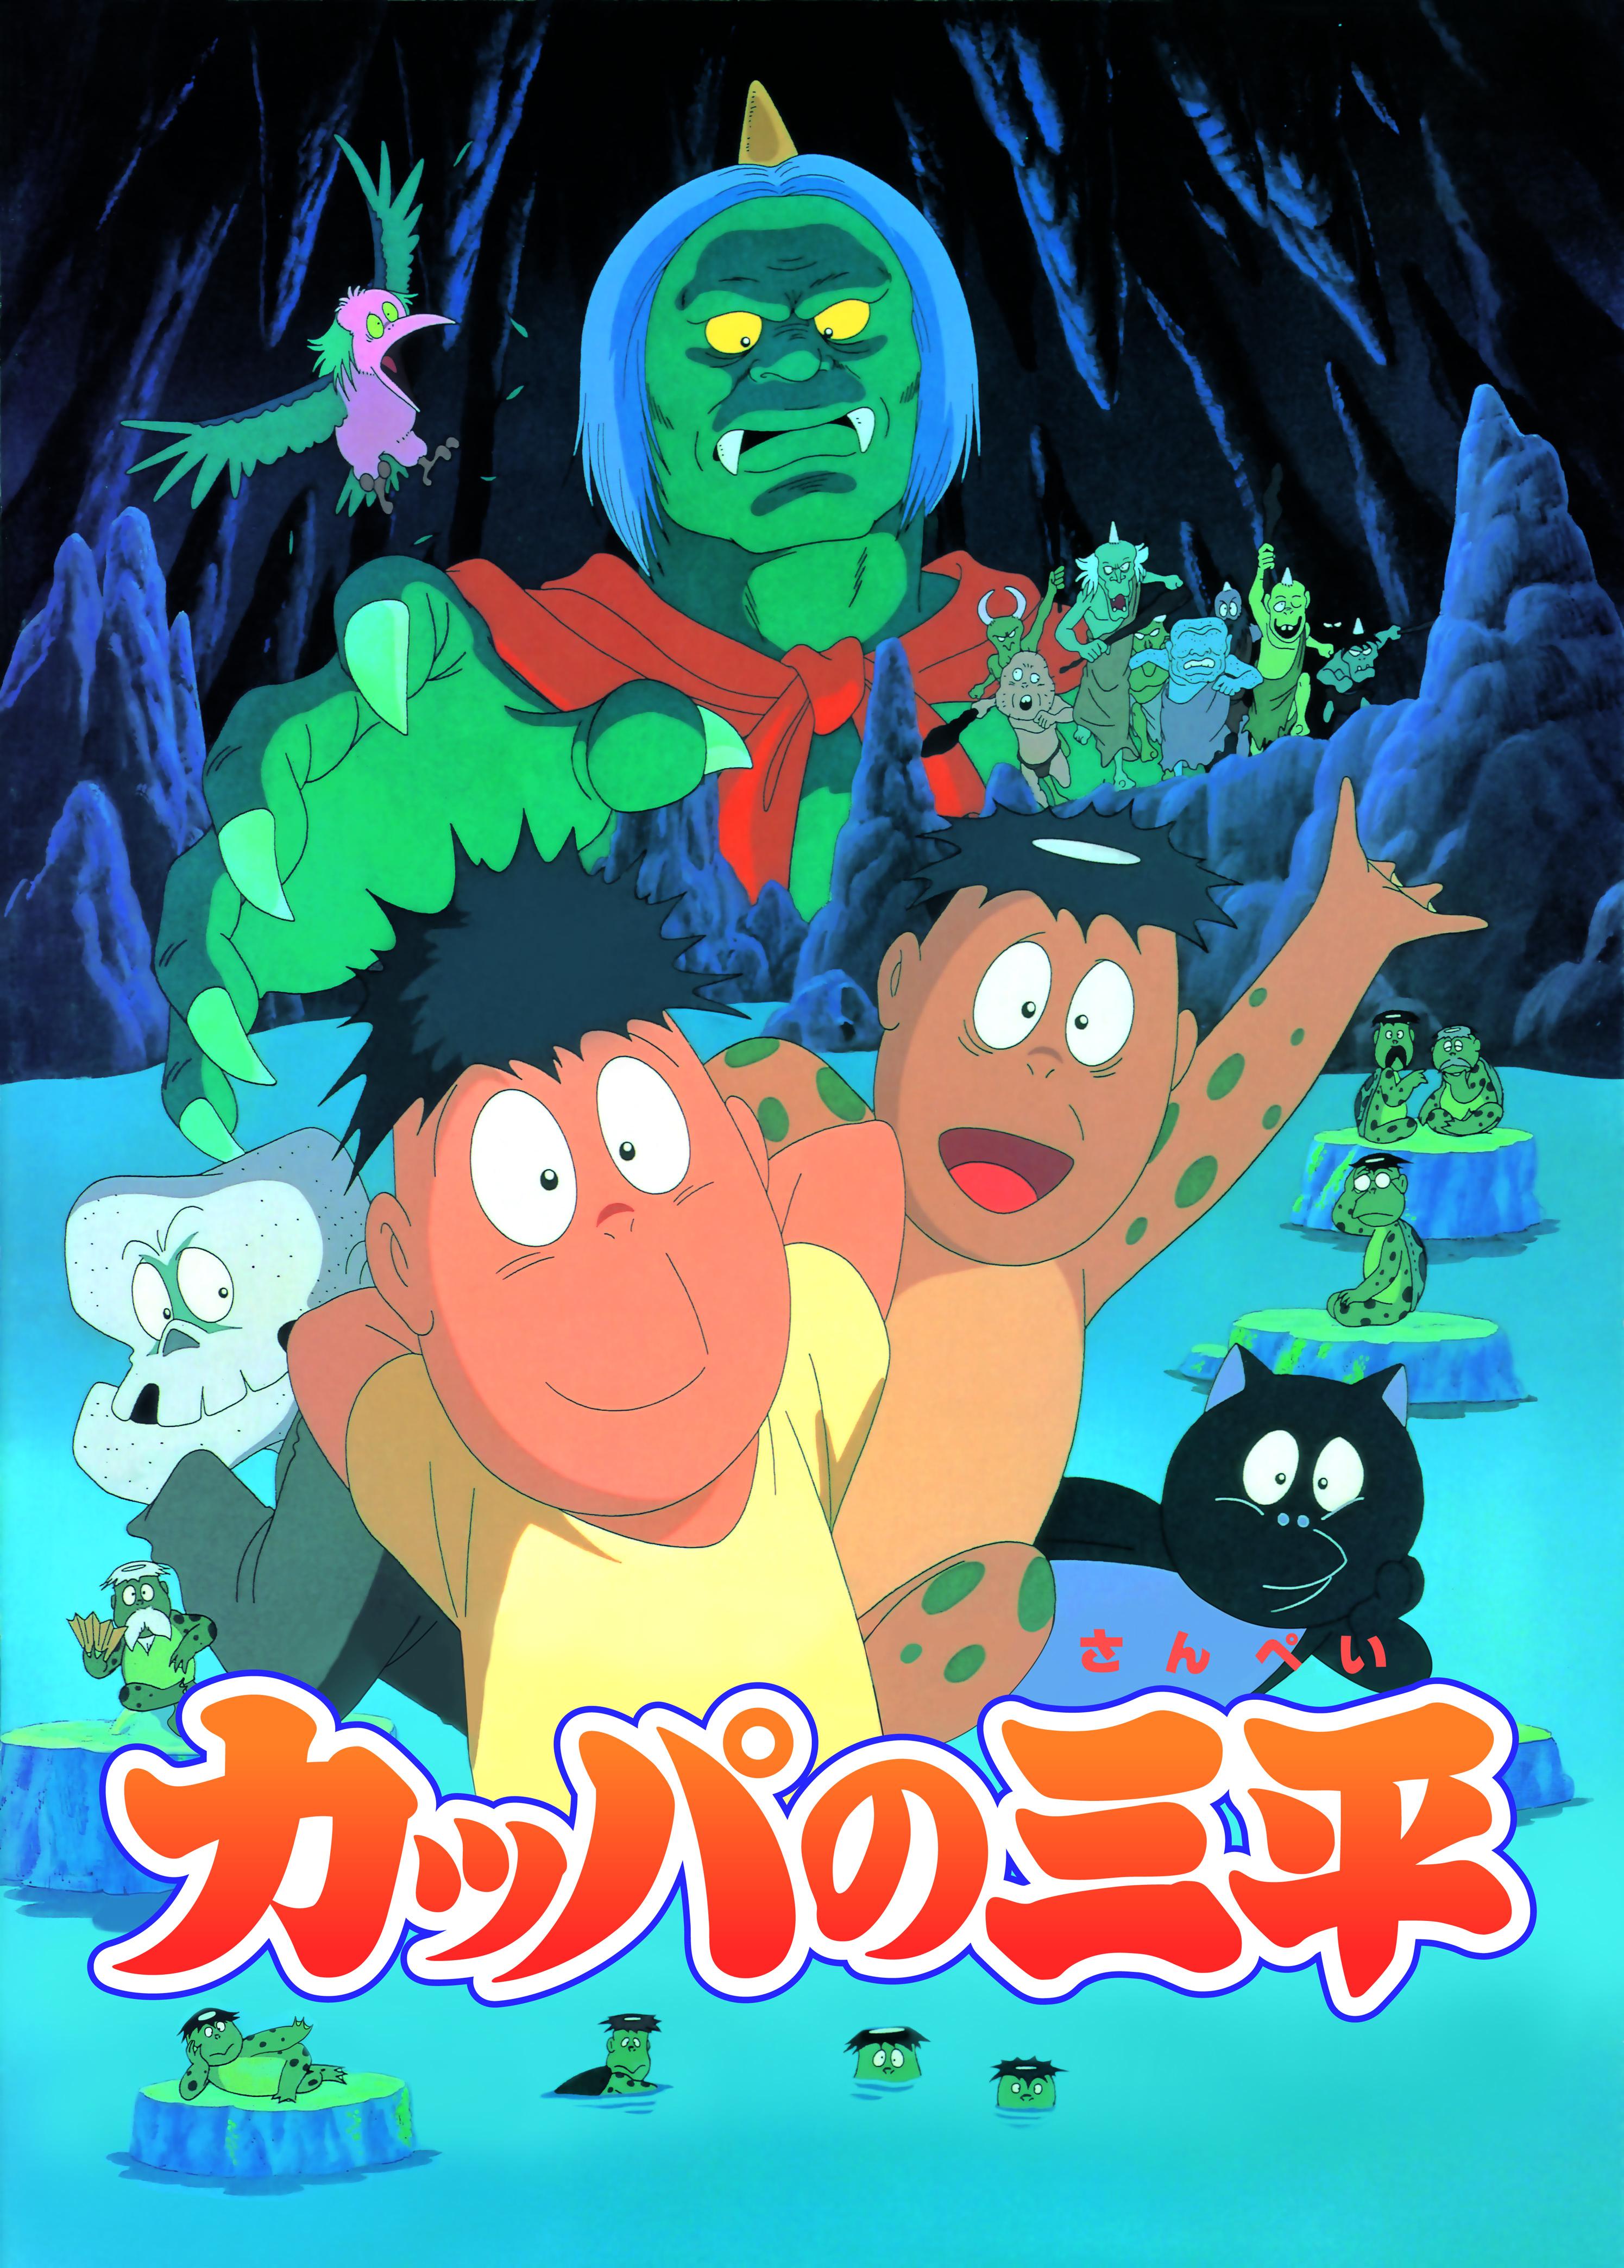 『カッパの三平』初DVD化決定!! ありがとう水木しげる先生!